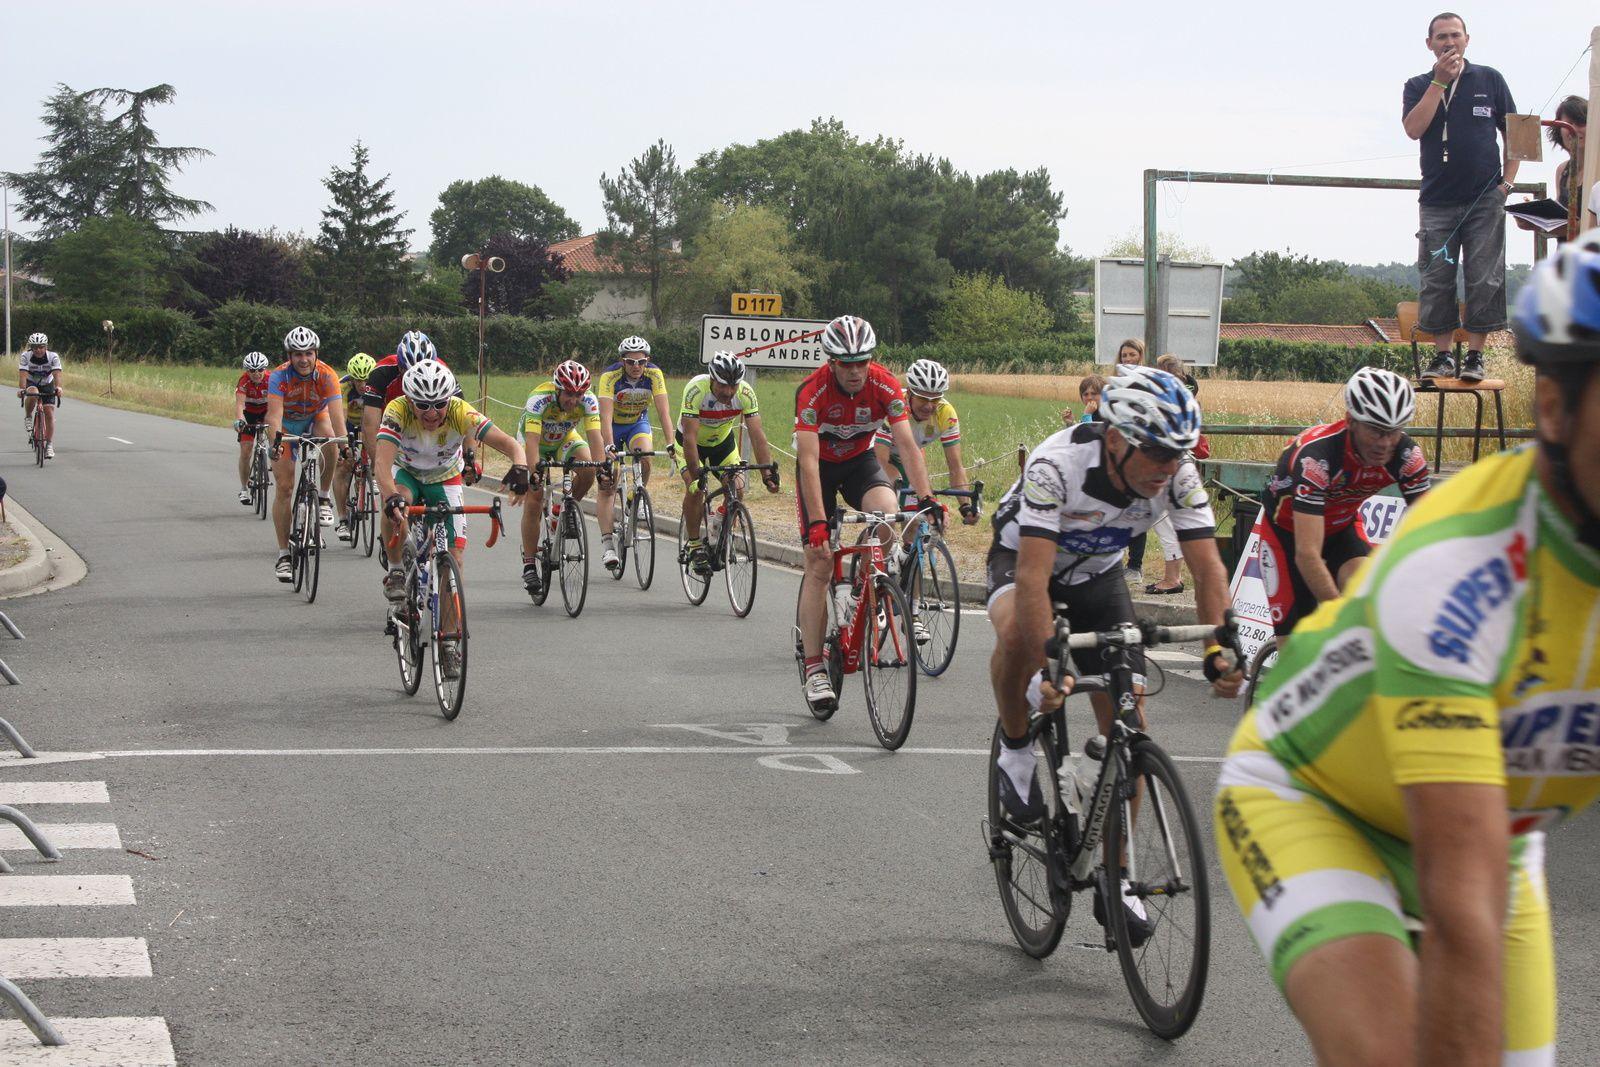 Victoire  pour  Hervé  BREQUE(VCC  Marennes), 2e  Michel  REGEASSE(VC  Montendre), 3e  José  AINAGA(NL), 4e  Stéphane  LARGEAU(CC  Vervant), 5e  Alain  ROUSSEAU(VC Le Gua), 6e  Philippe  GOUPIL(NL), 7e  Jacky  GAILLARD(R  Guataise), 8e  Sylvain  DEBOIS(CC  Vervant), 9e  Guy  COMAS DE MIRANDA(C  Sud-Saintonge)